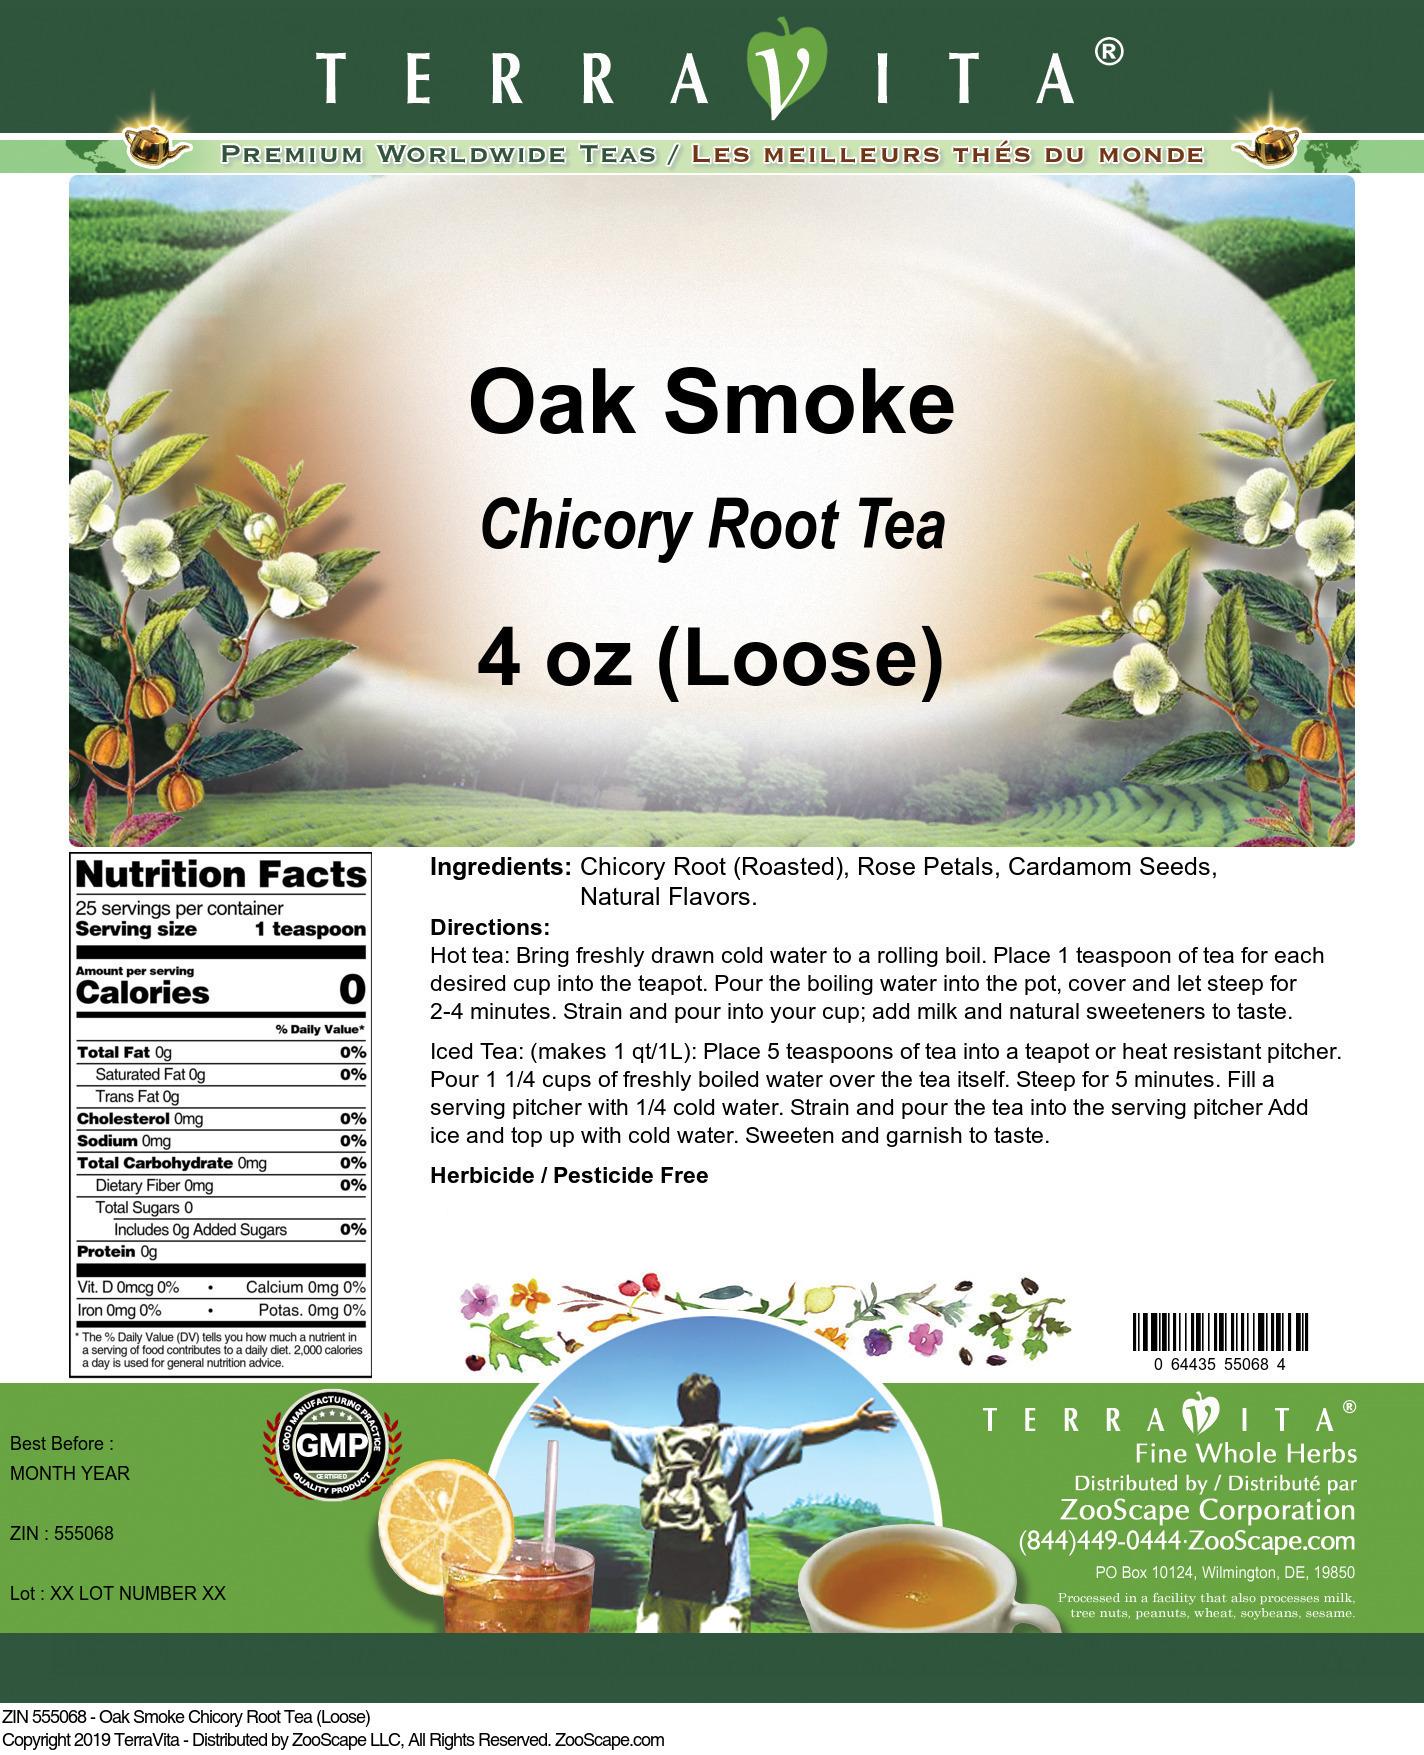 Oak Smoke Chicory Root Tea (Loose)